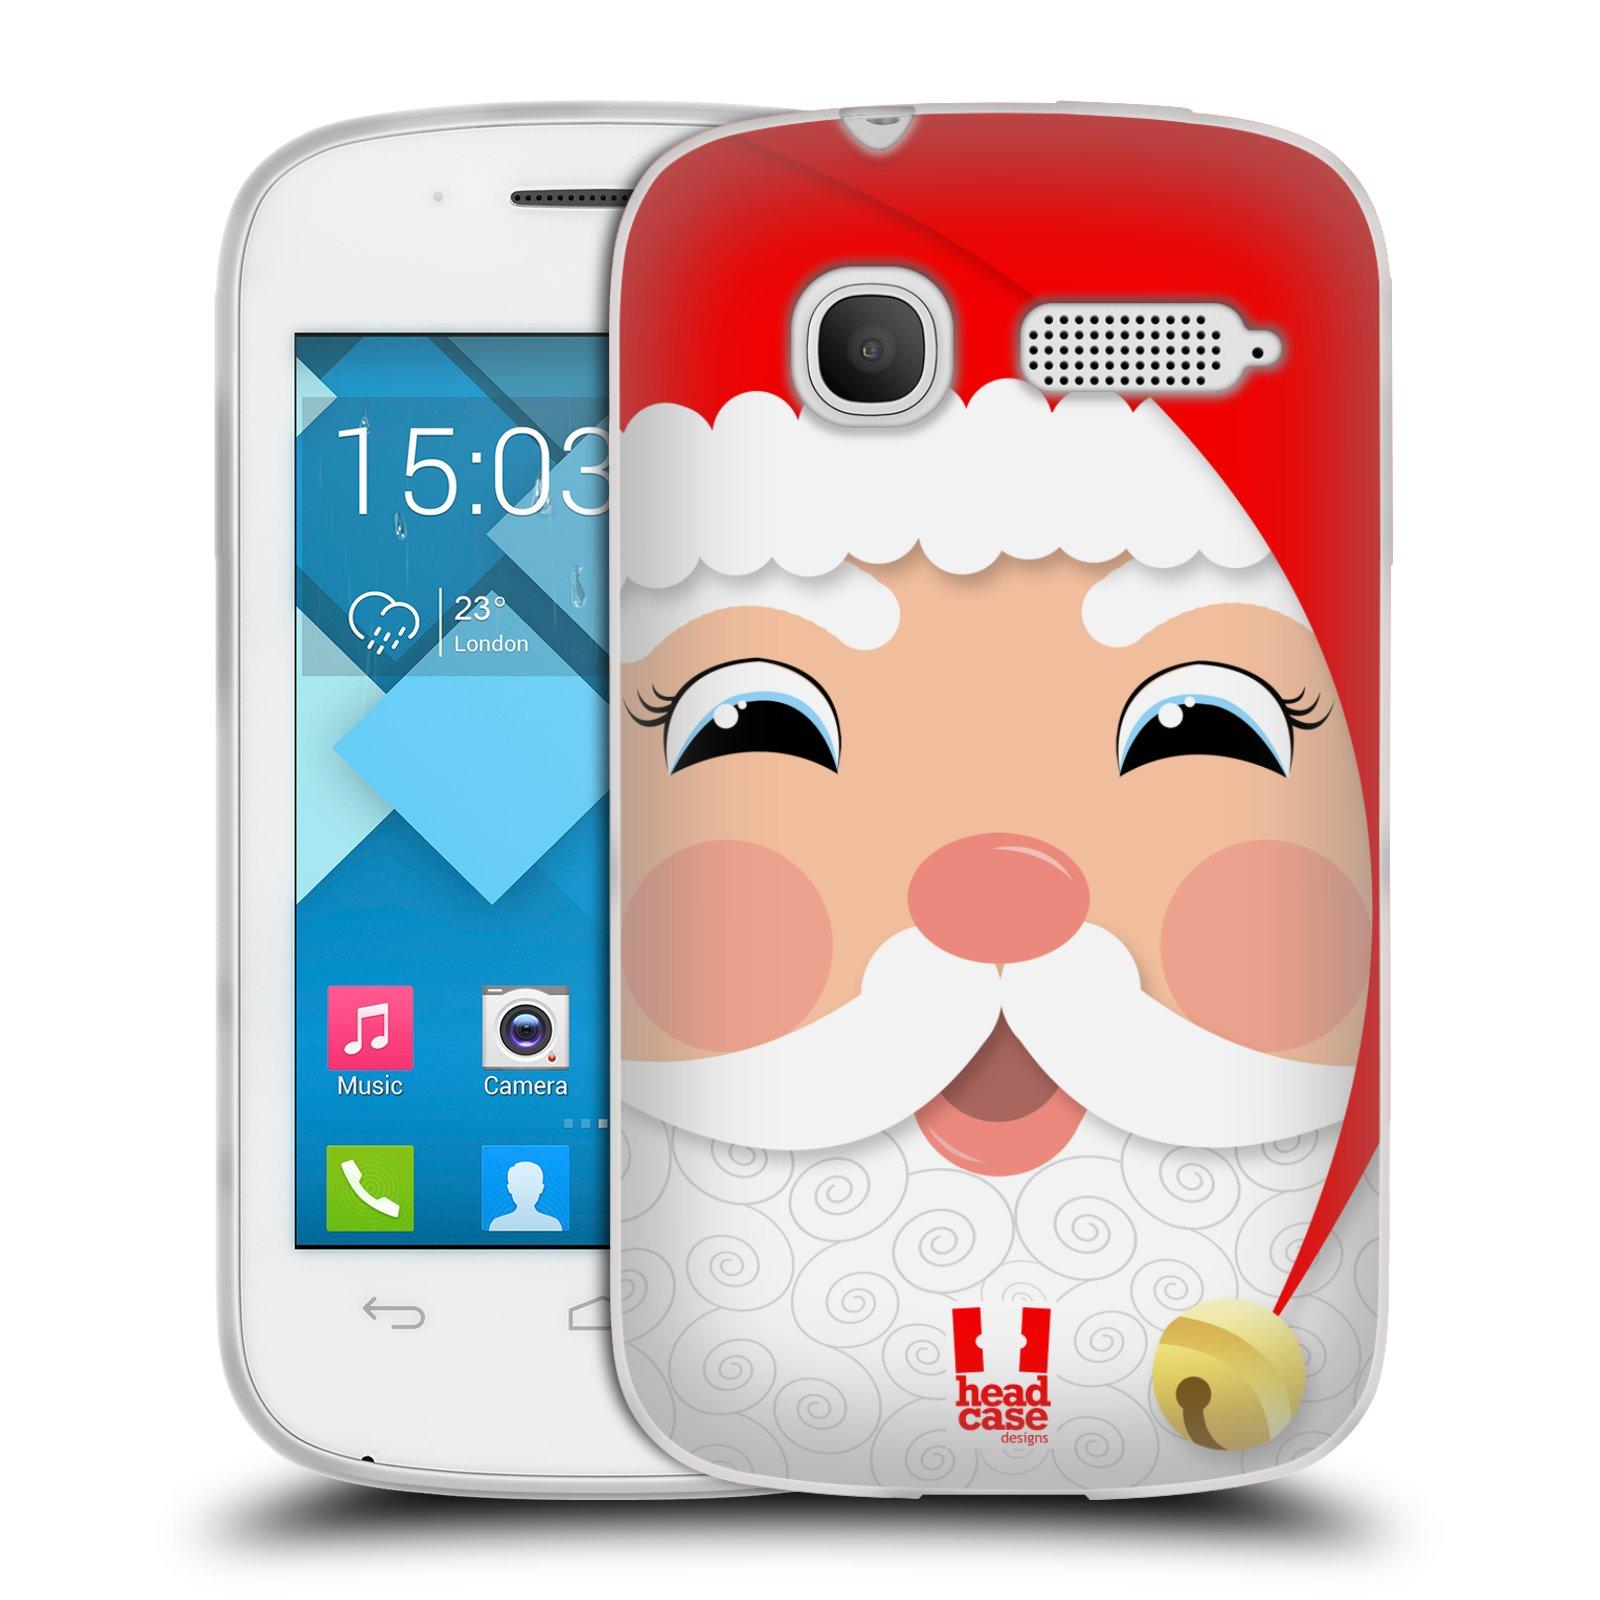 Silikonové pouzdro na mobil Alcatel One Touch Pop C1 HEAD CASE VÁNOCE SANTA (Silikonový kryt či obal na mobilní telefon Alcatel OT-4015D POP C1)